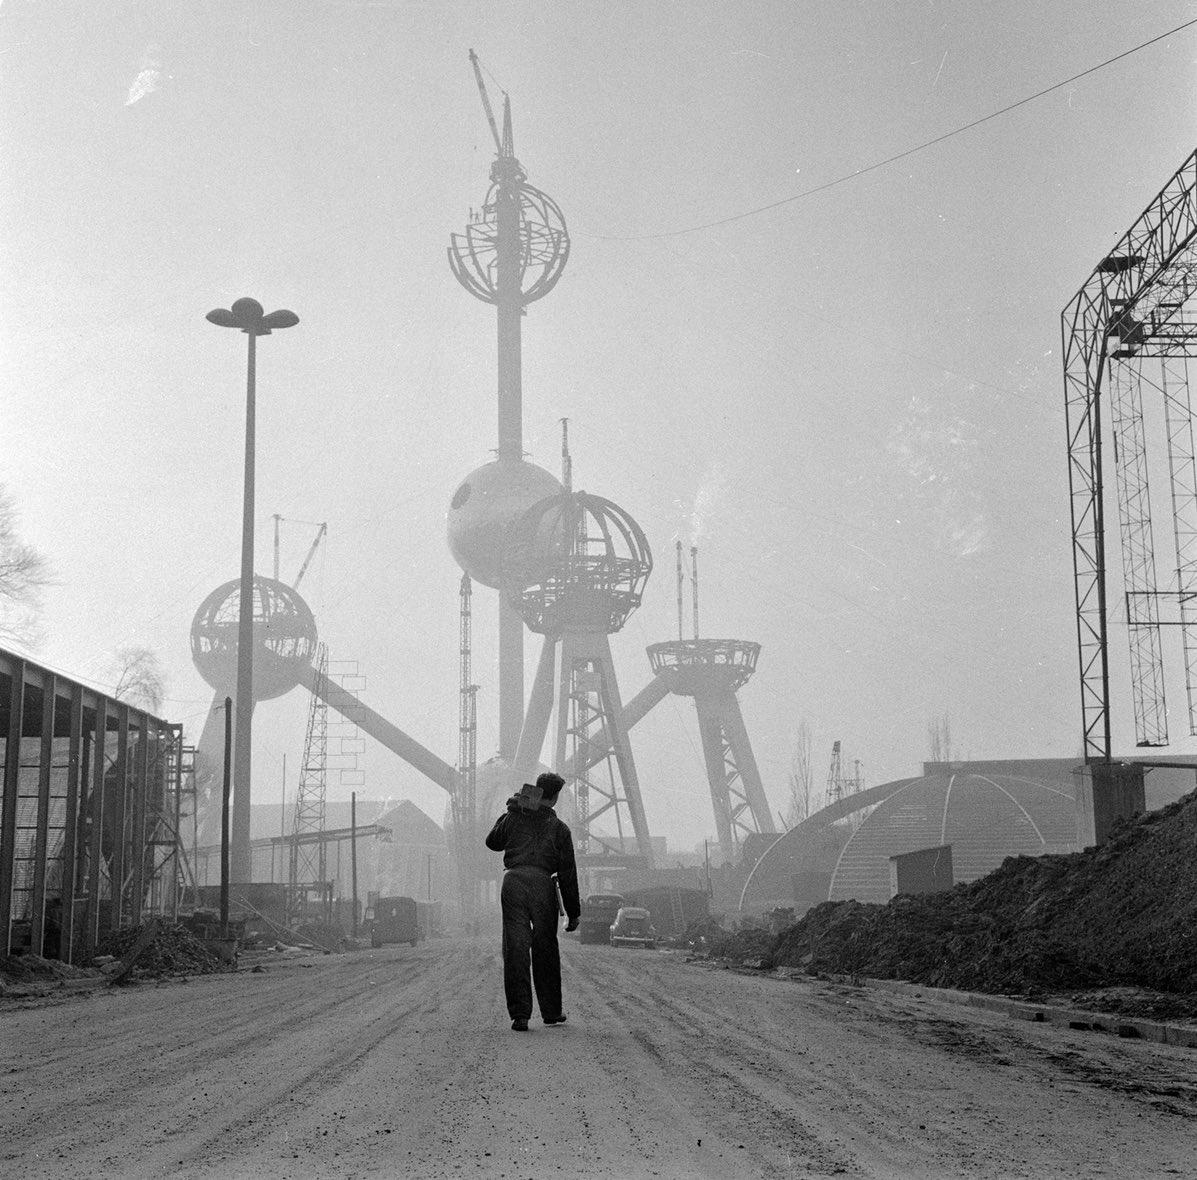 RT @ShedworksGreg: An under construction…